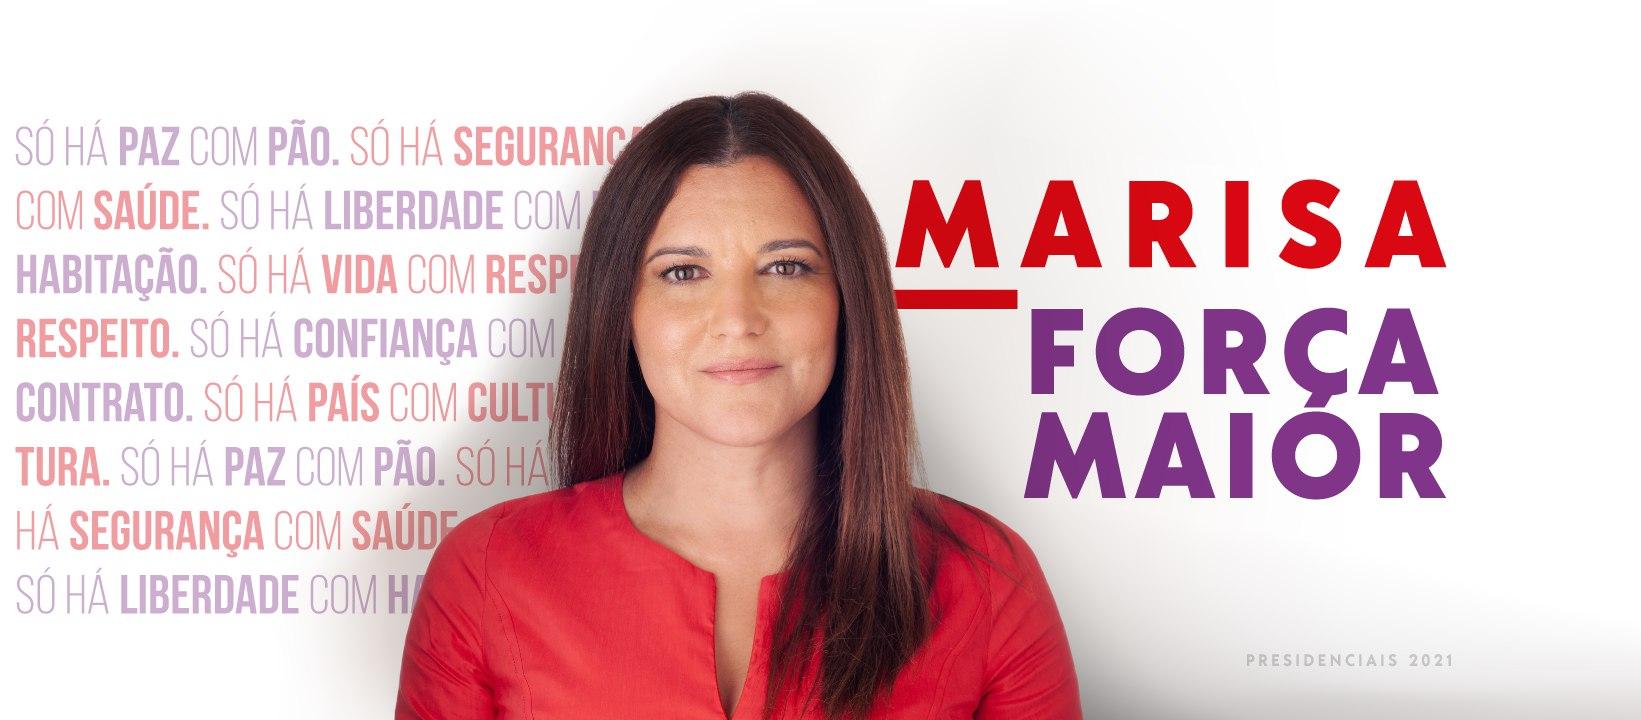 Marisa 2021: Candidata à Presidência da República vai reunir com a CVI em Vila Real